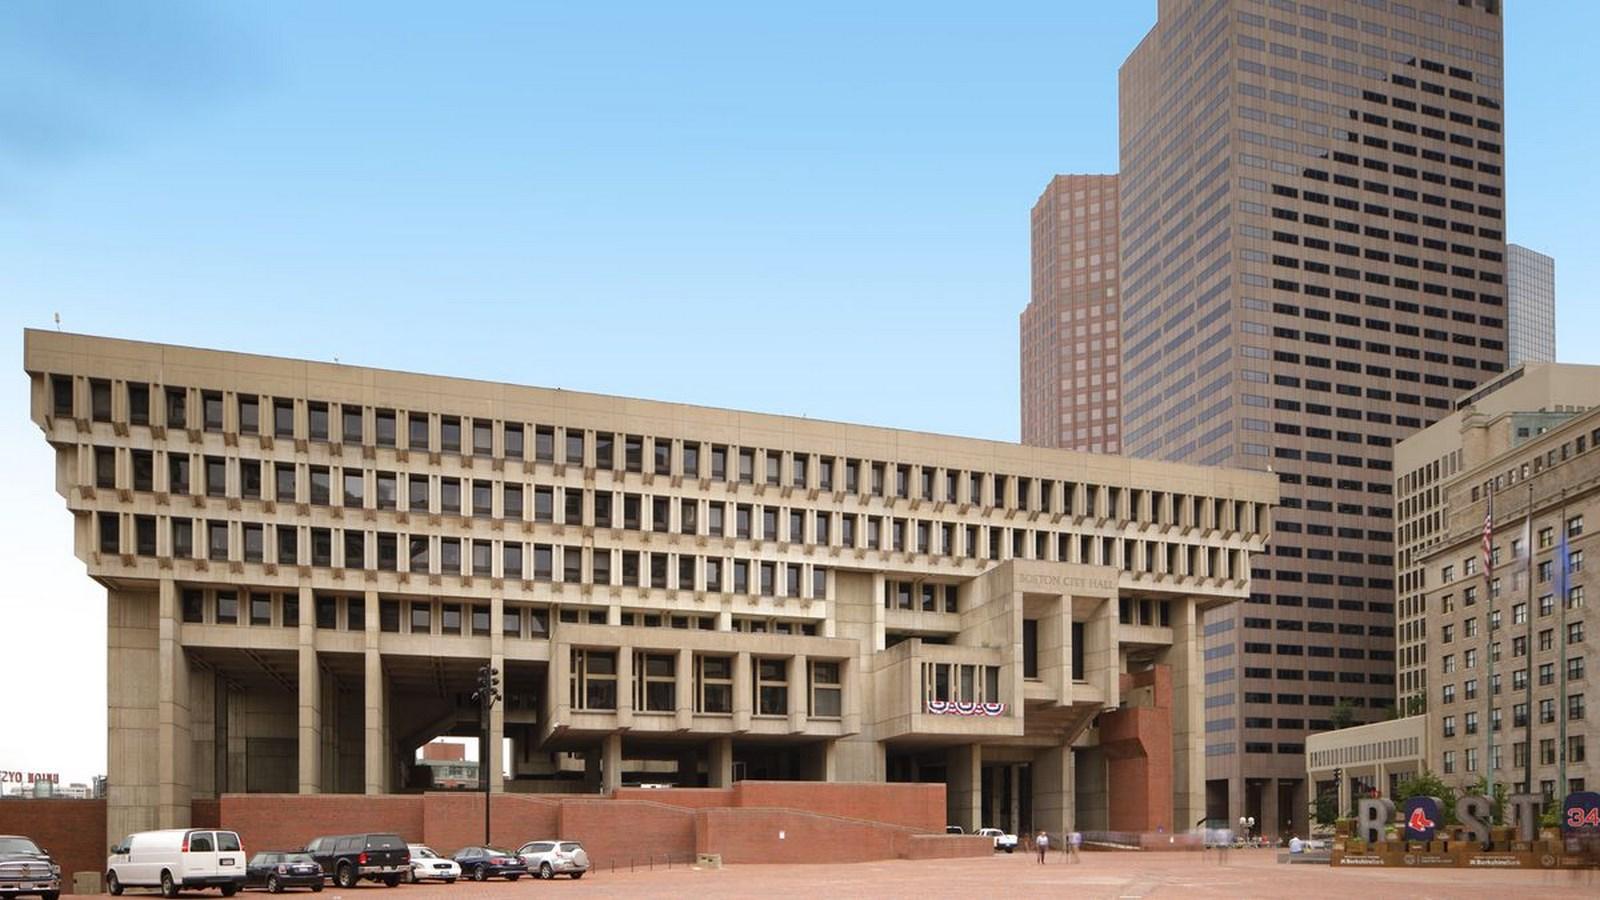 A306 - Boston Architecture - BOSTON CITY HALL_Image2